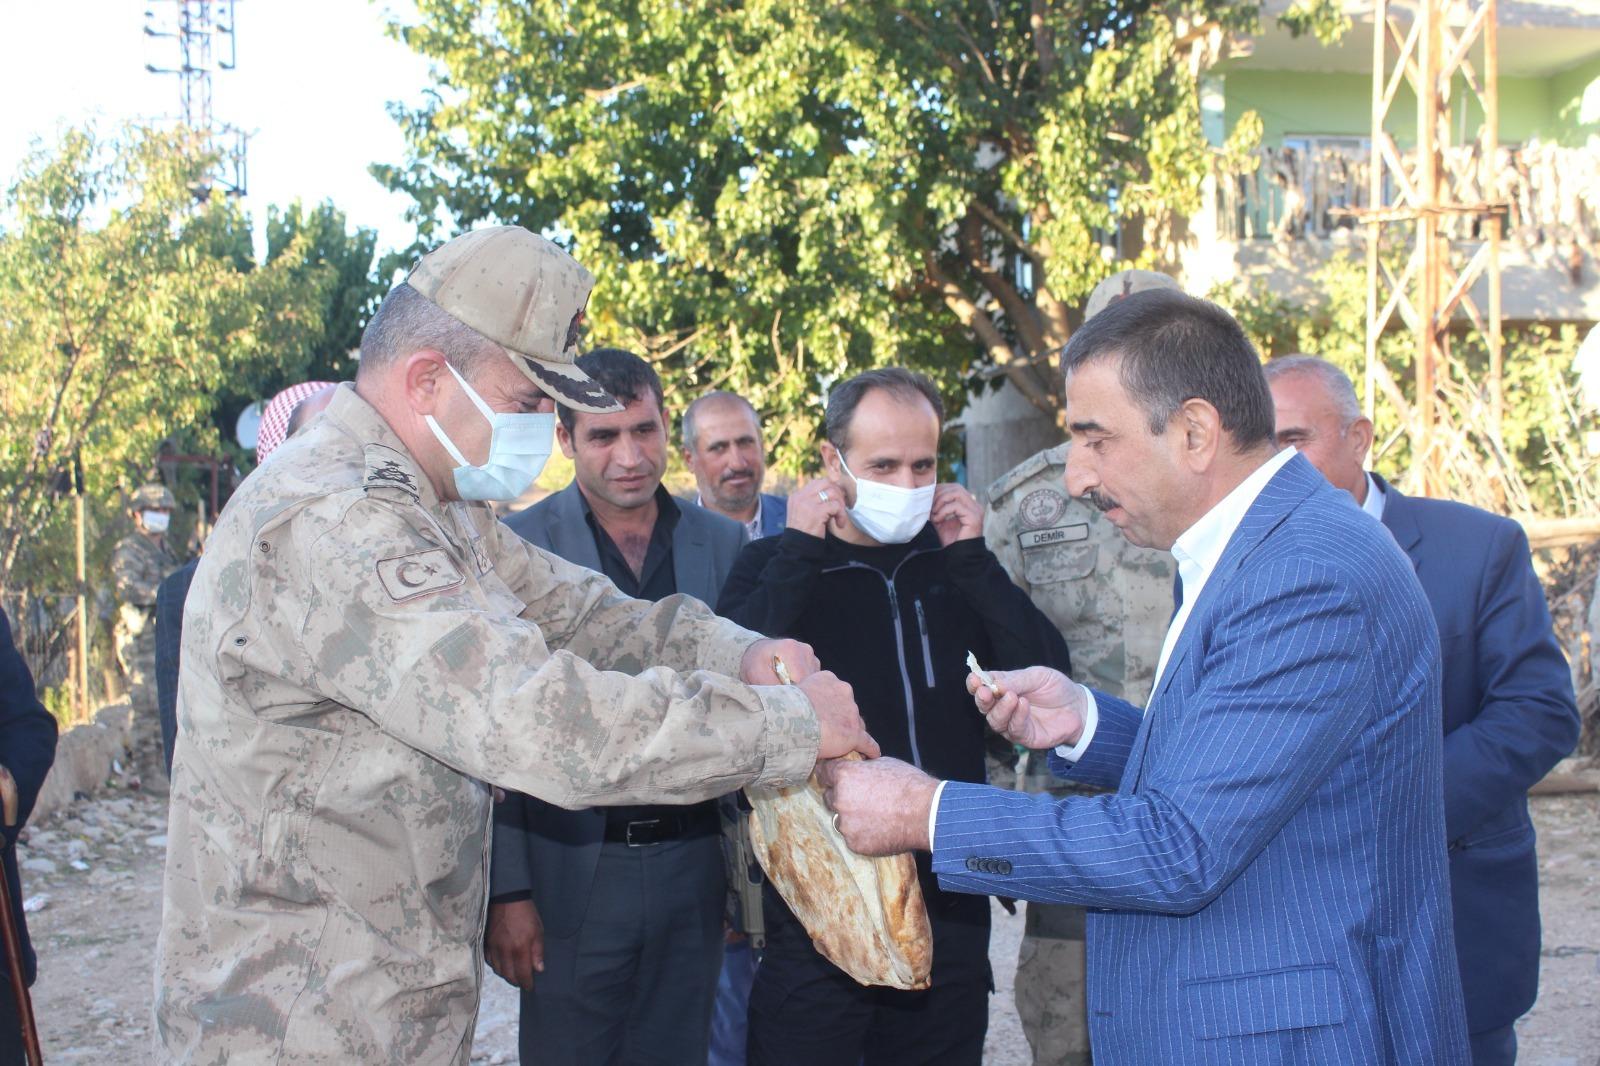 Vali hacıbektaşoğlu, eruh-okçular köyünde vatandaşlarla bir araya geldi